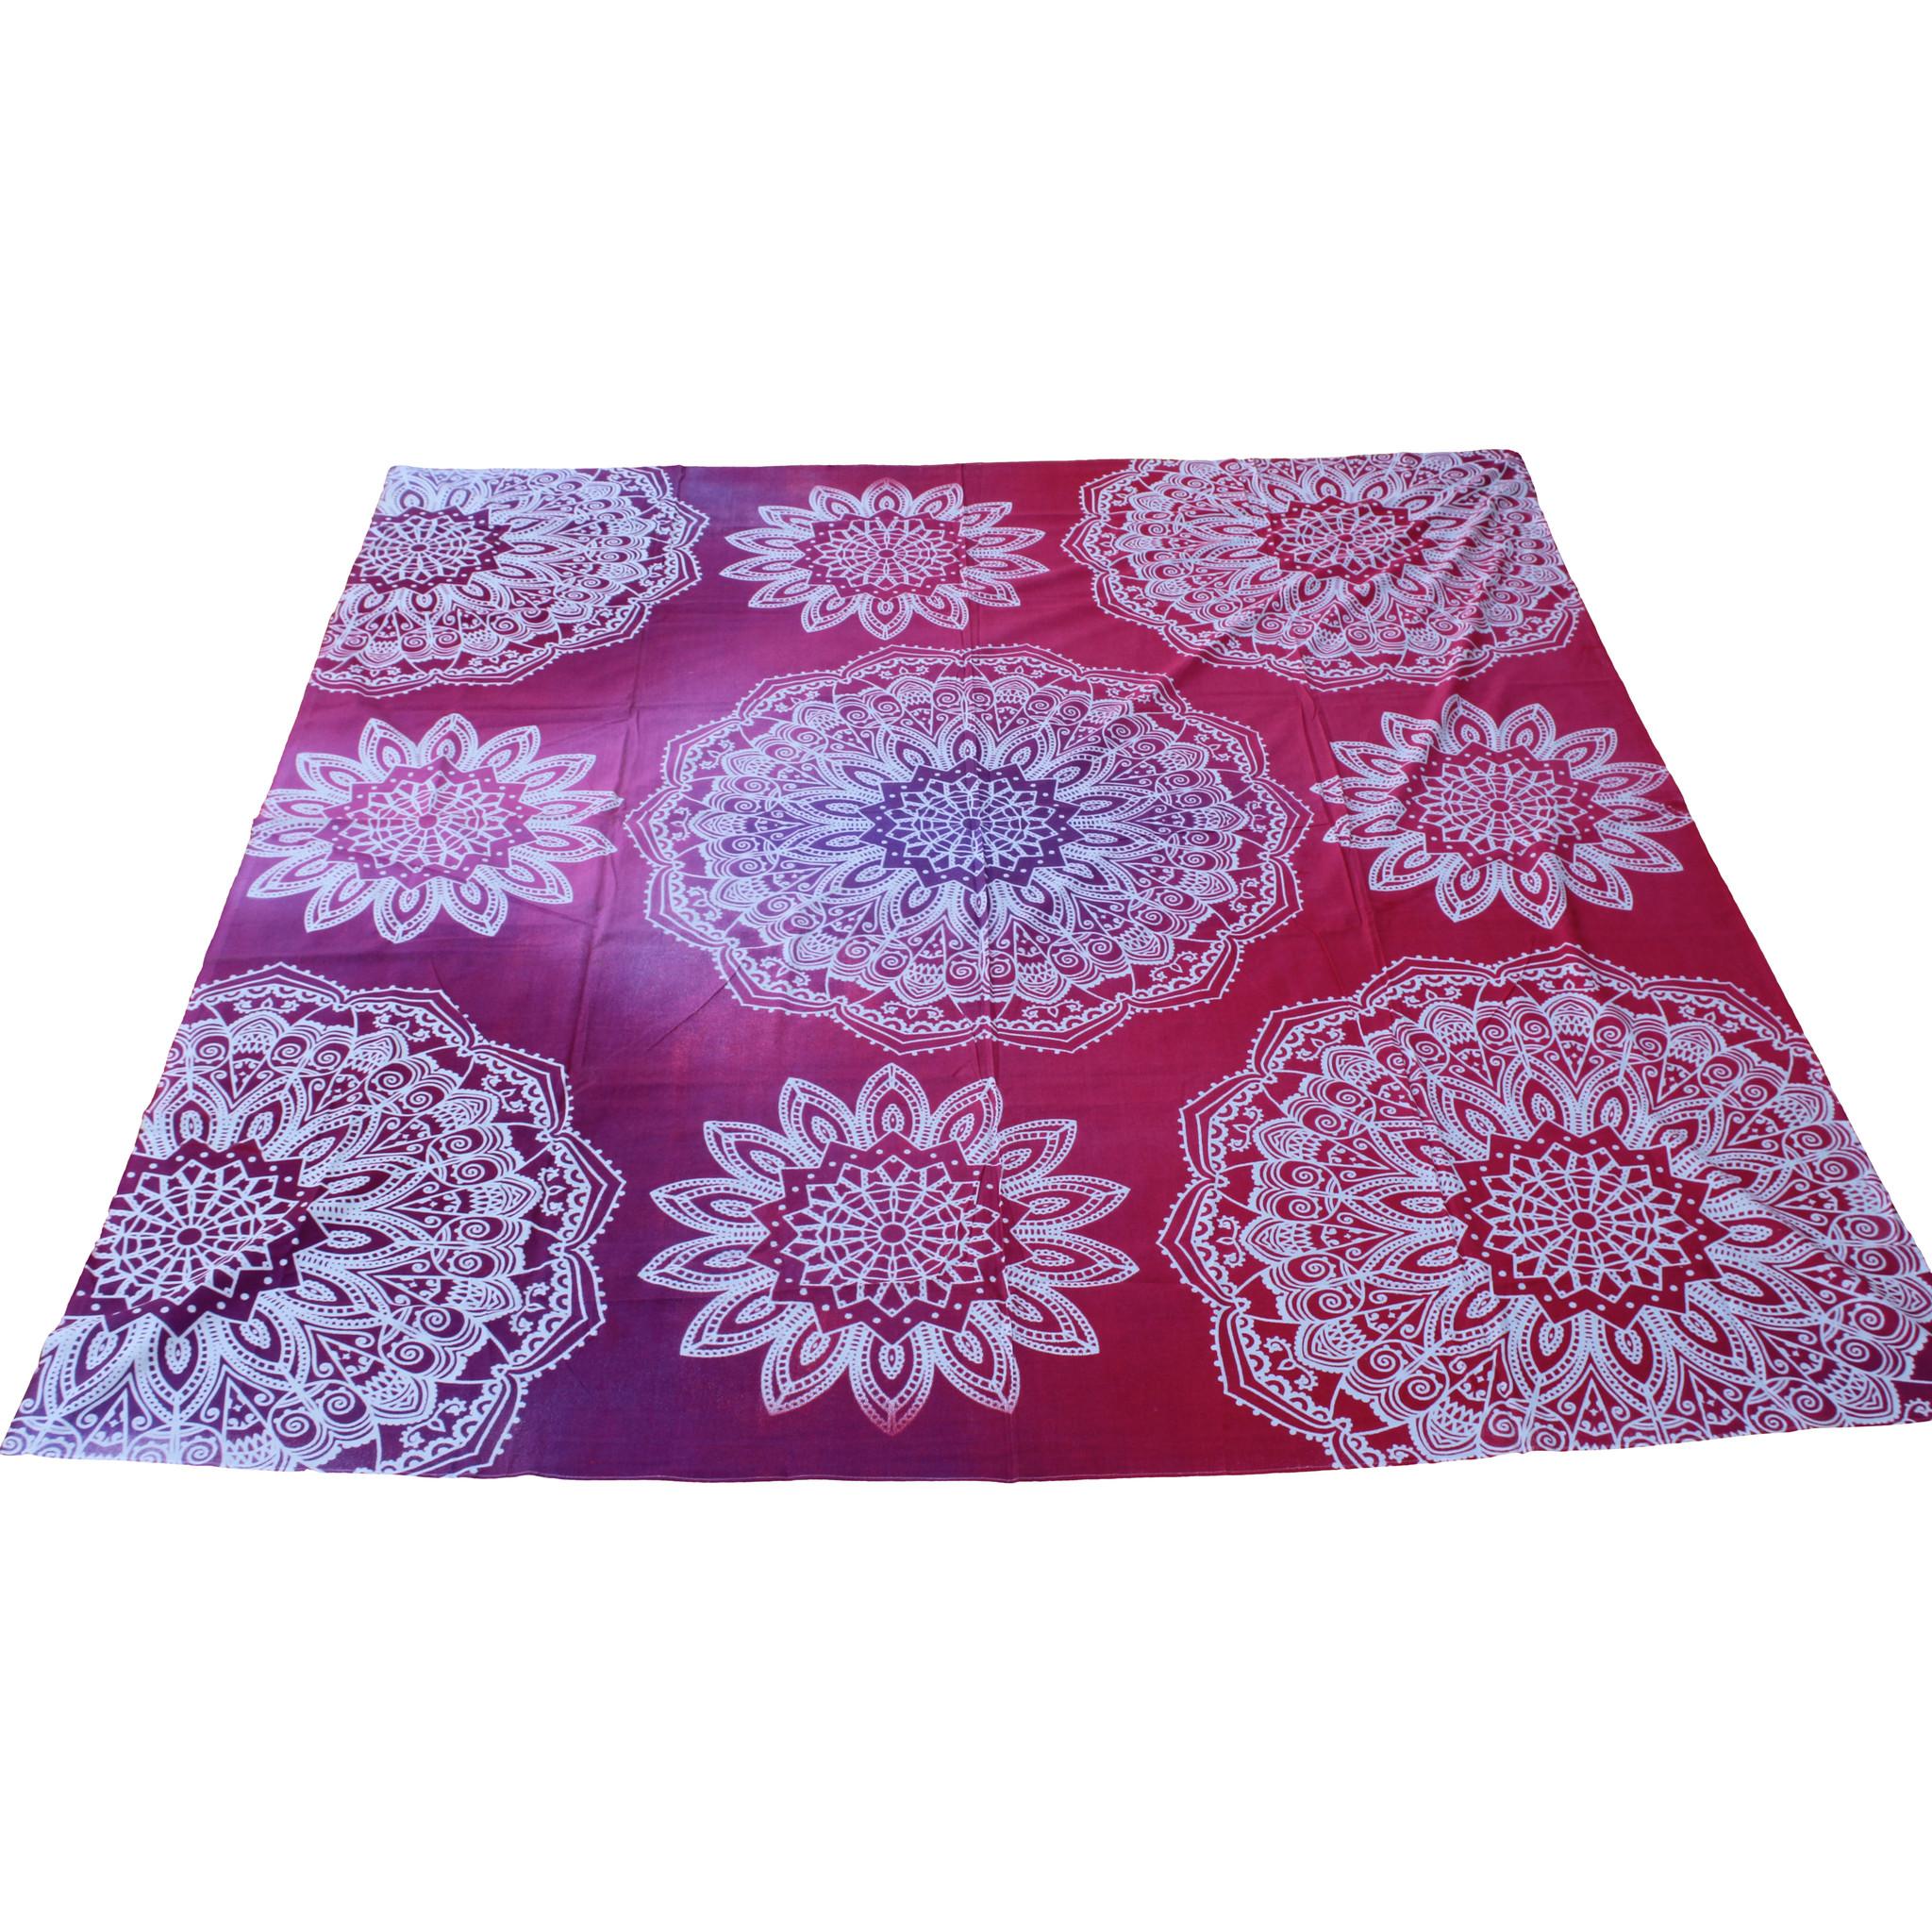 Myroundie Myroundie - roundie - vierkant strandlaken XL – yoga kleed- speelkleed - picknickkleed -100% katoen – Q47